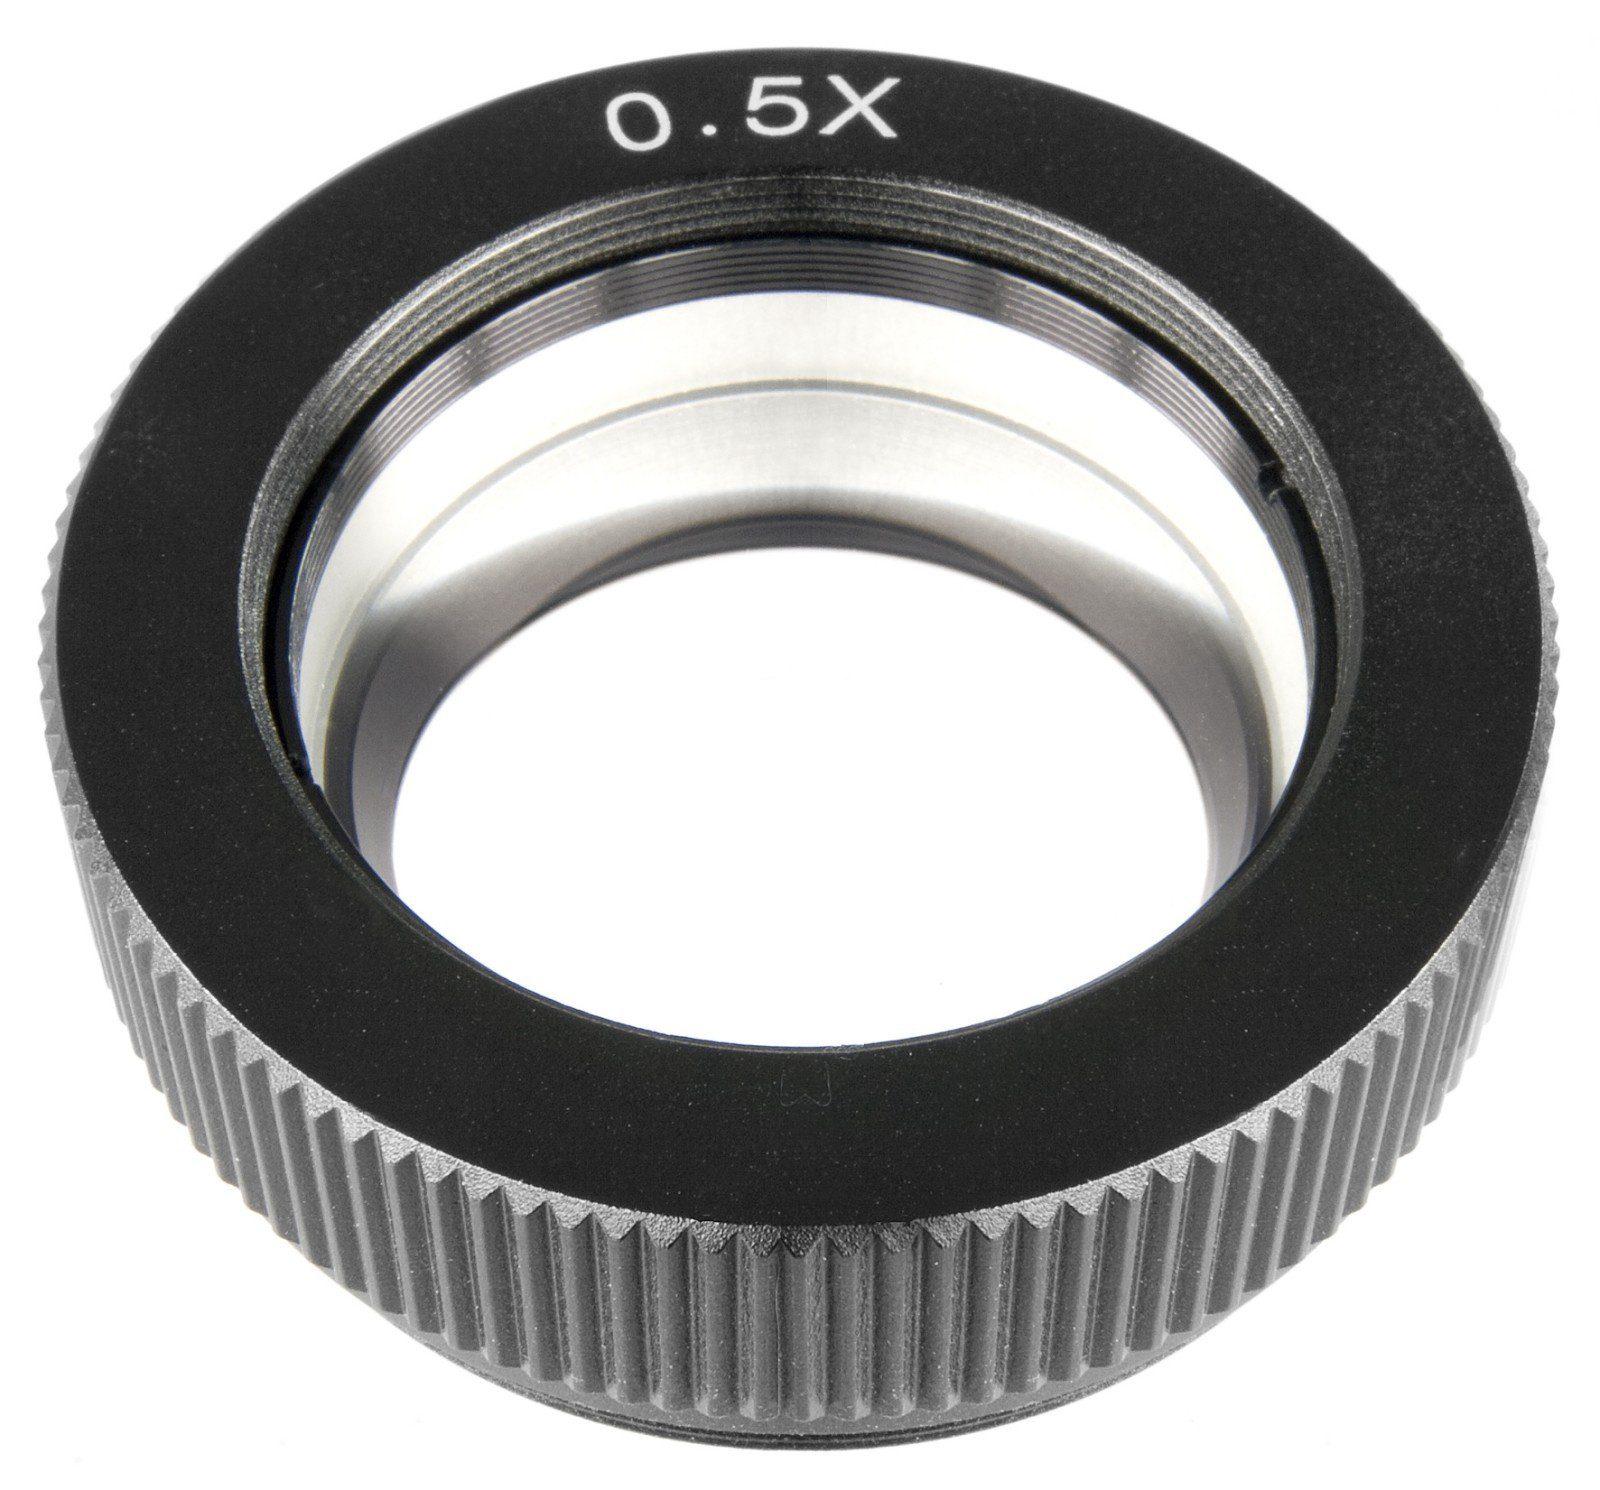 Bresser Mikroskop »Zusatzobjektiv 0.5x«